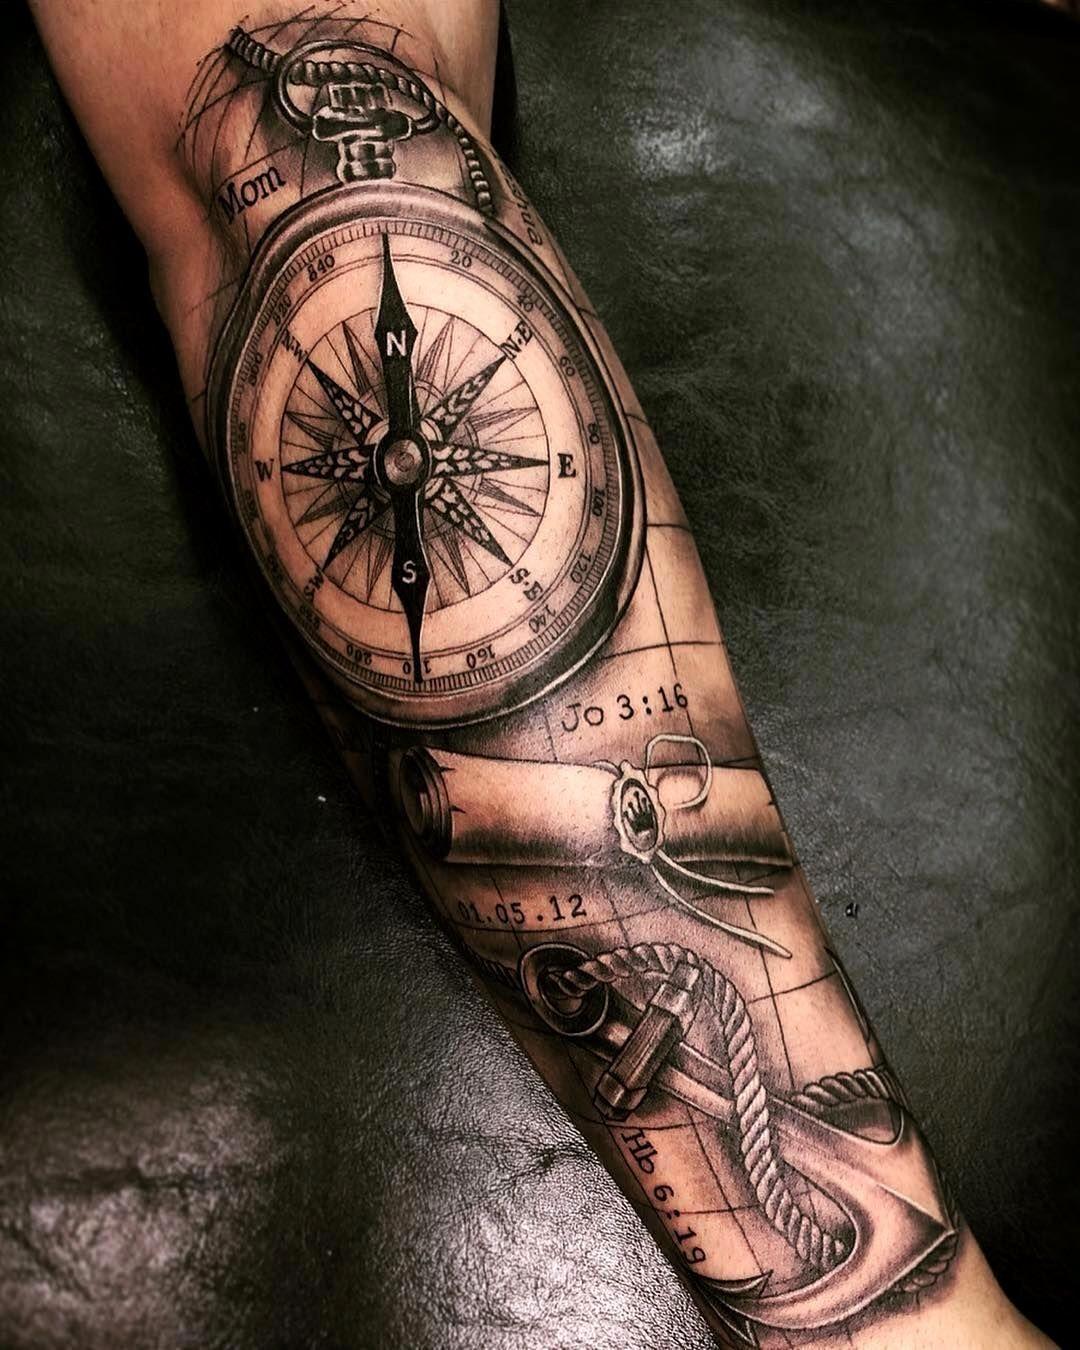 Tattoo Photo Gallery : tattoo, photo, gallery, Tattoos, Gallery,, #Gallery, #octopustattoosleeveleg, #tattoos, Nautical, Tattoo, Sleeve,, Sleeve, Tattoos,